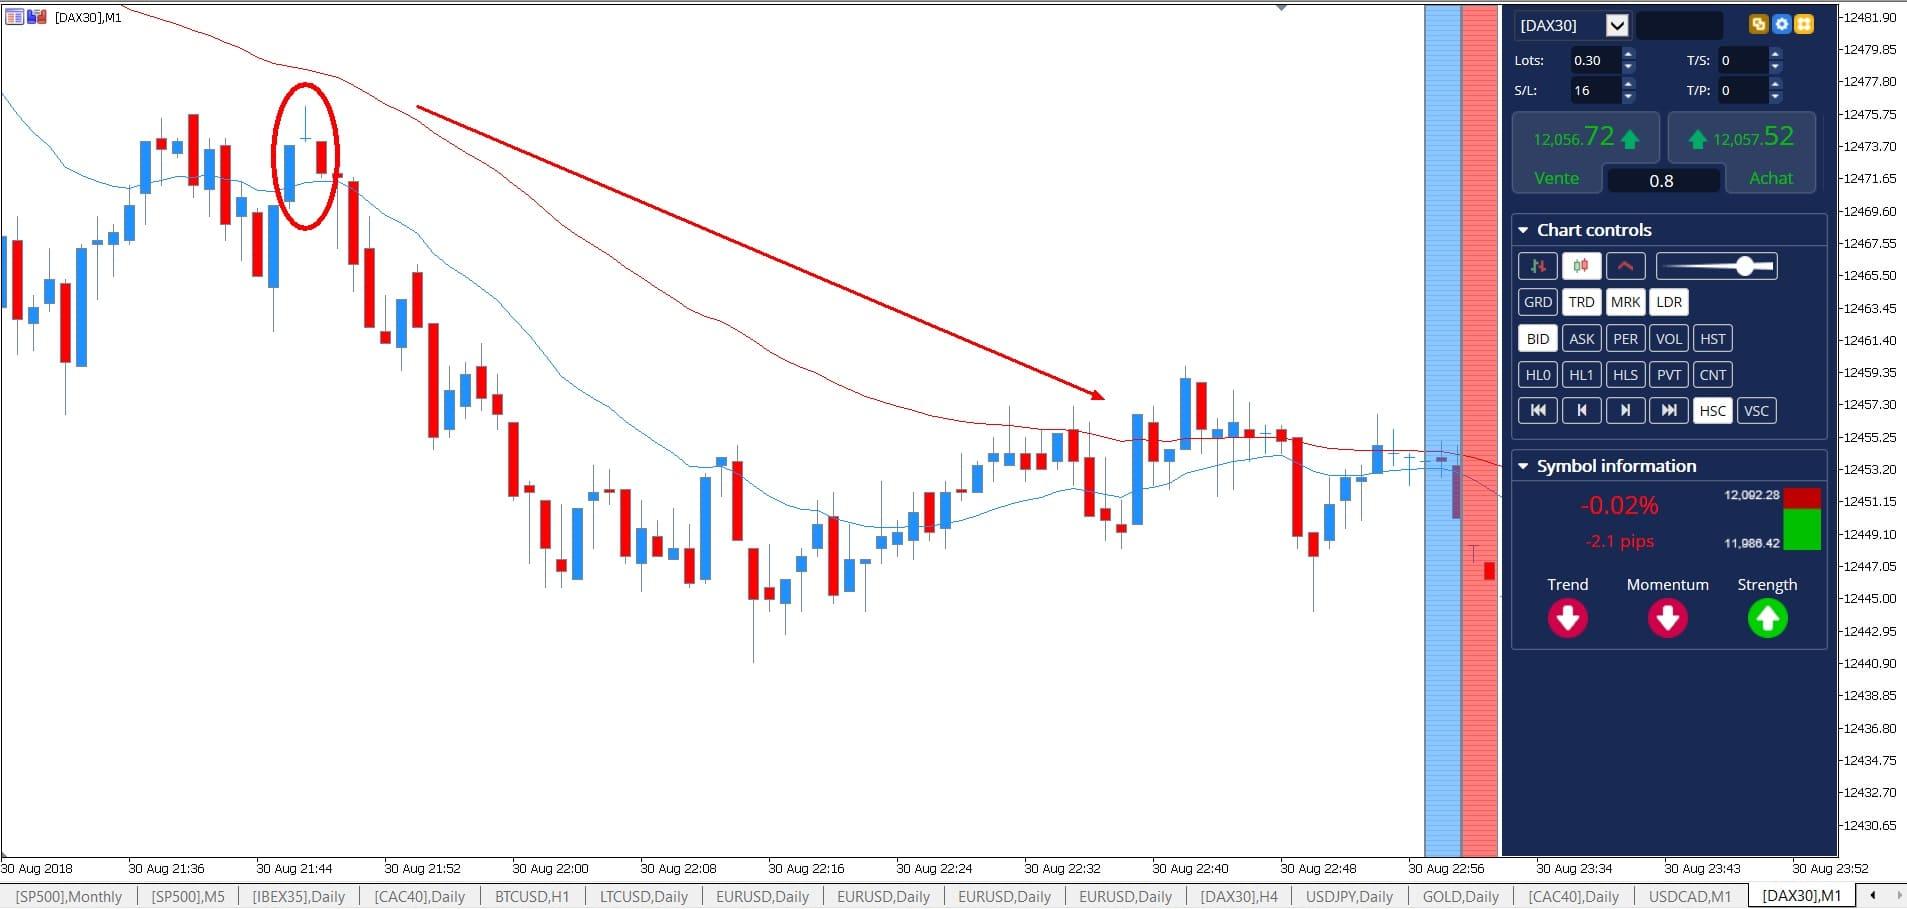 chart pattern trading - candlesticks uitleg